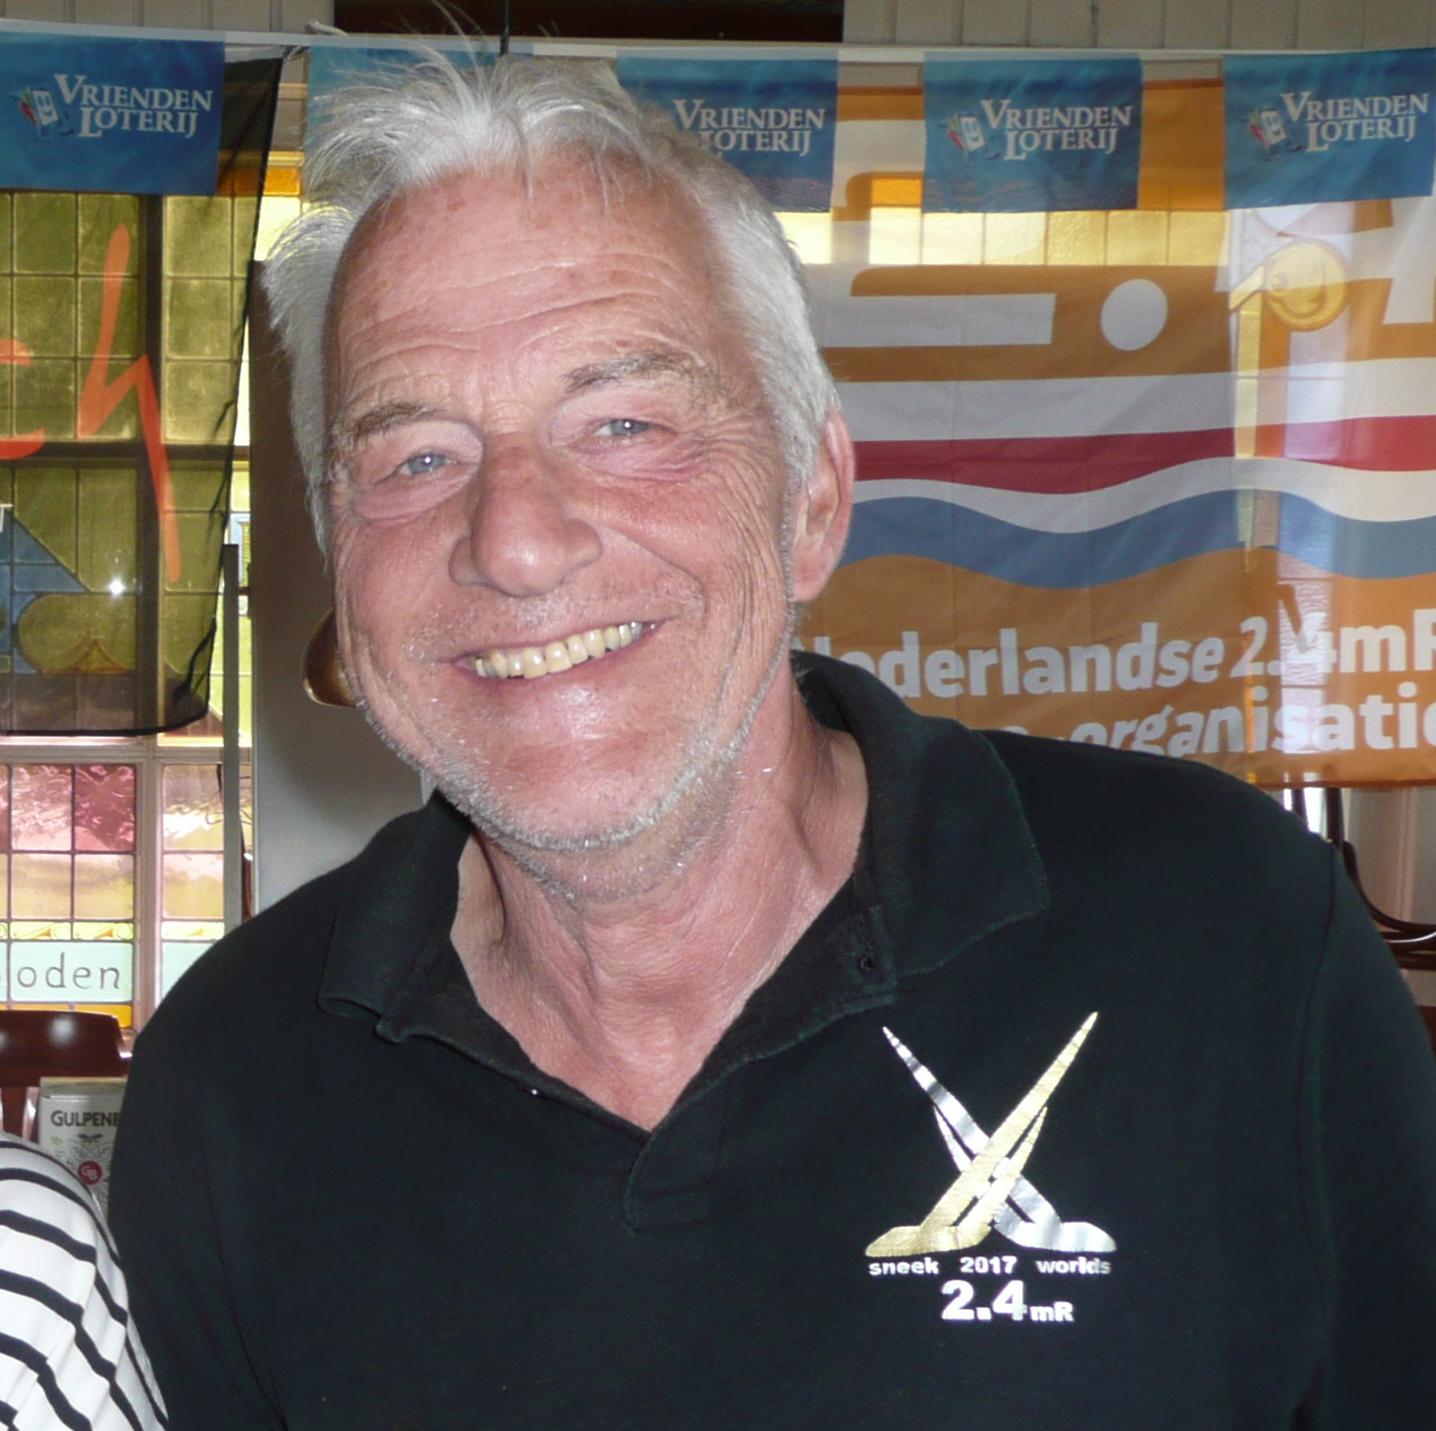 Dirk Jan Broertjes (NED 968) ist von uns gegangen